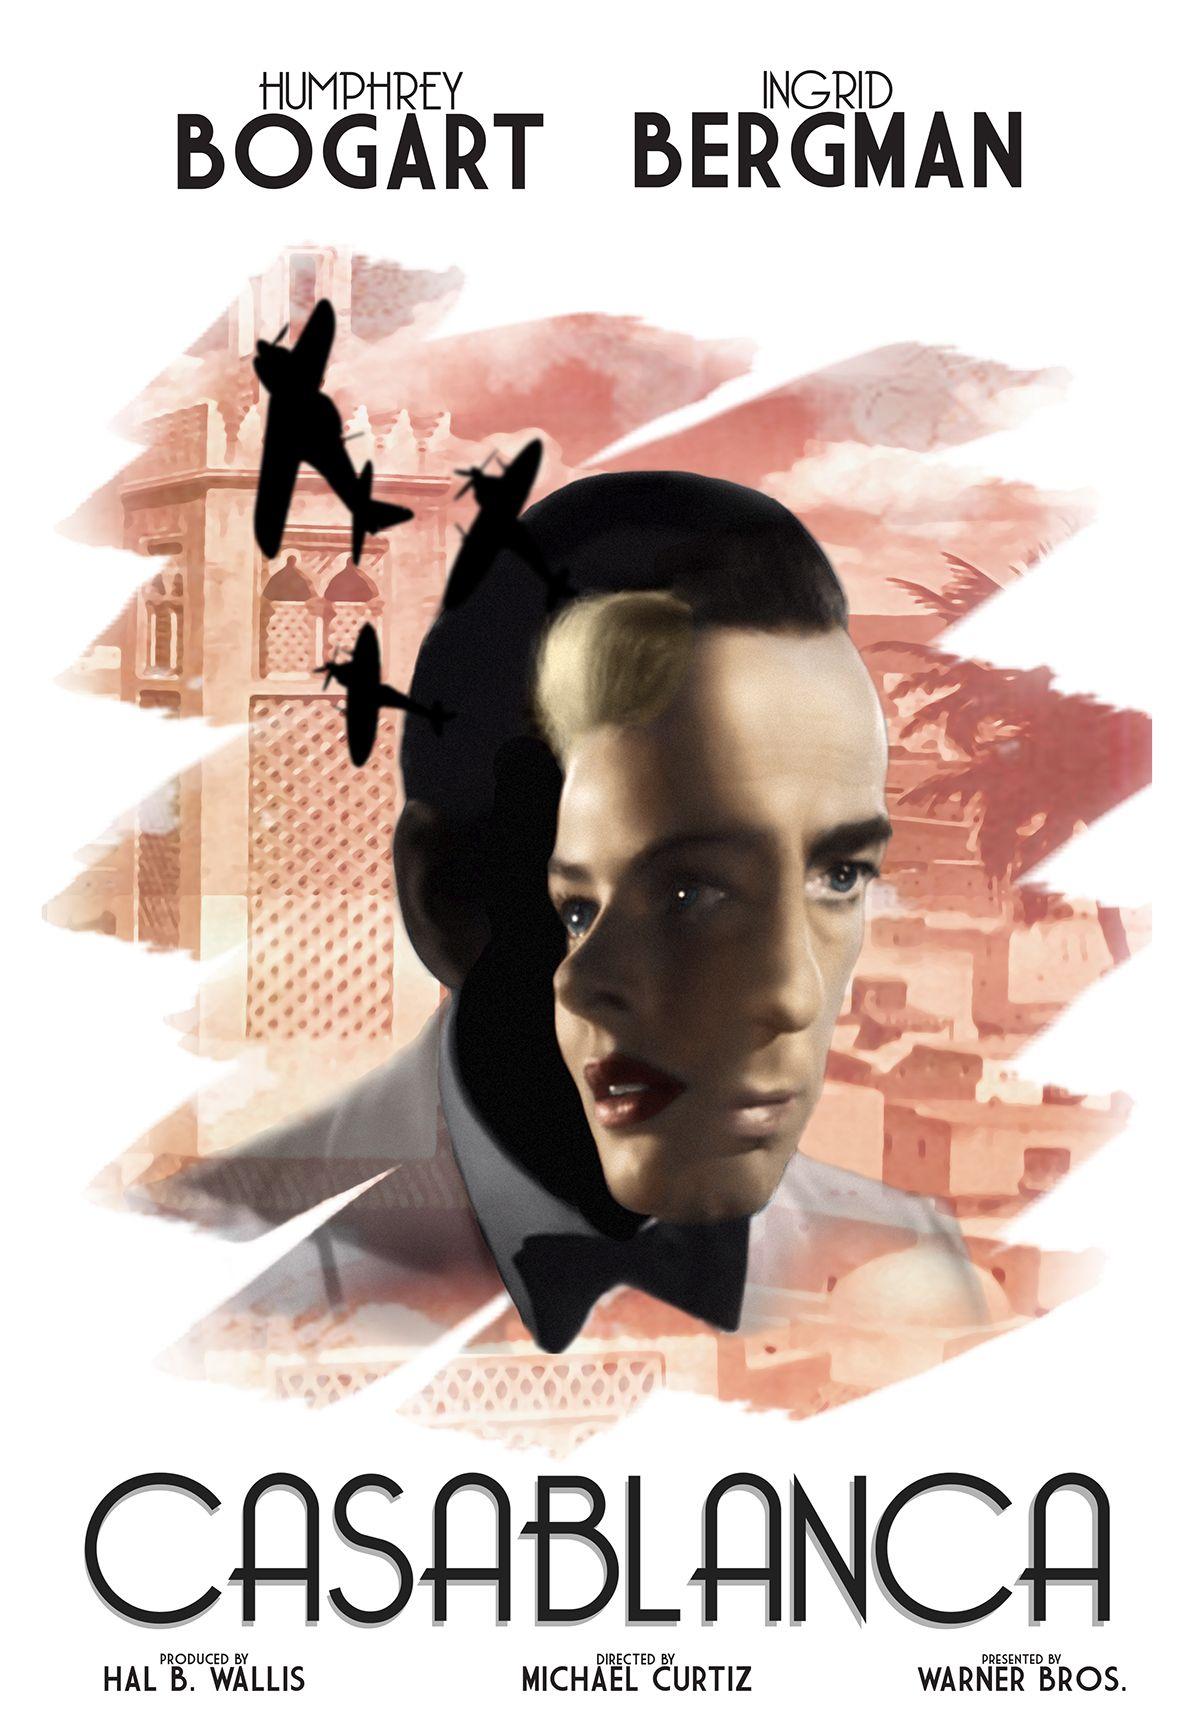 Casablanca movie poster redesign on behance casablanca movie